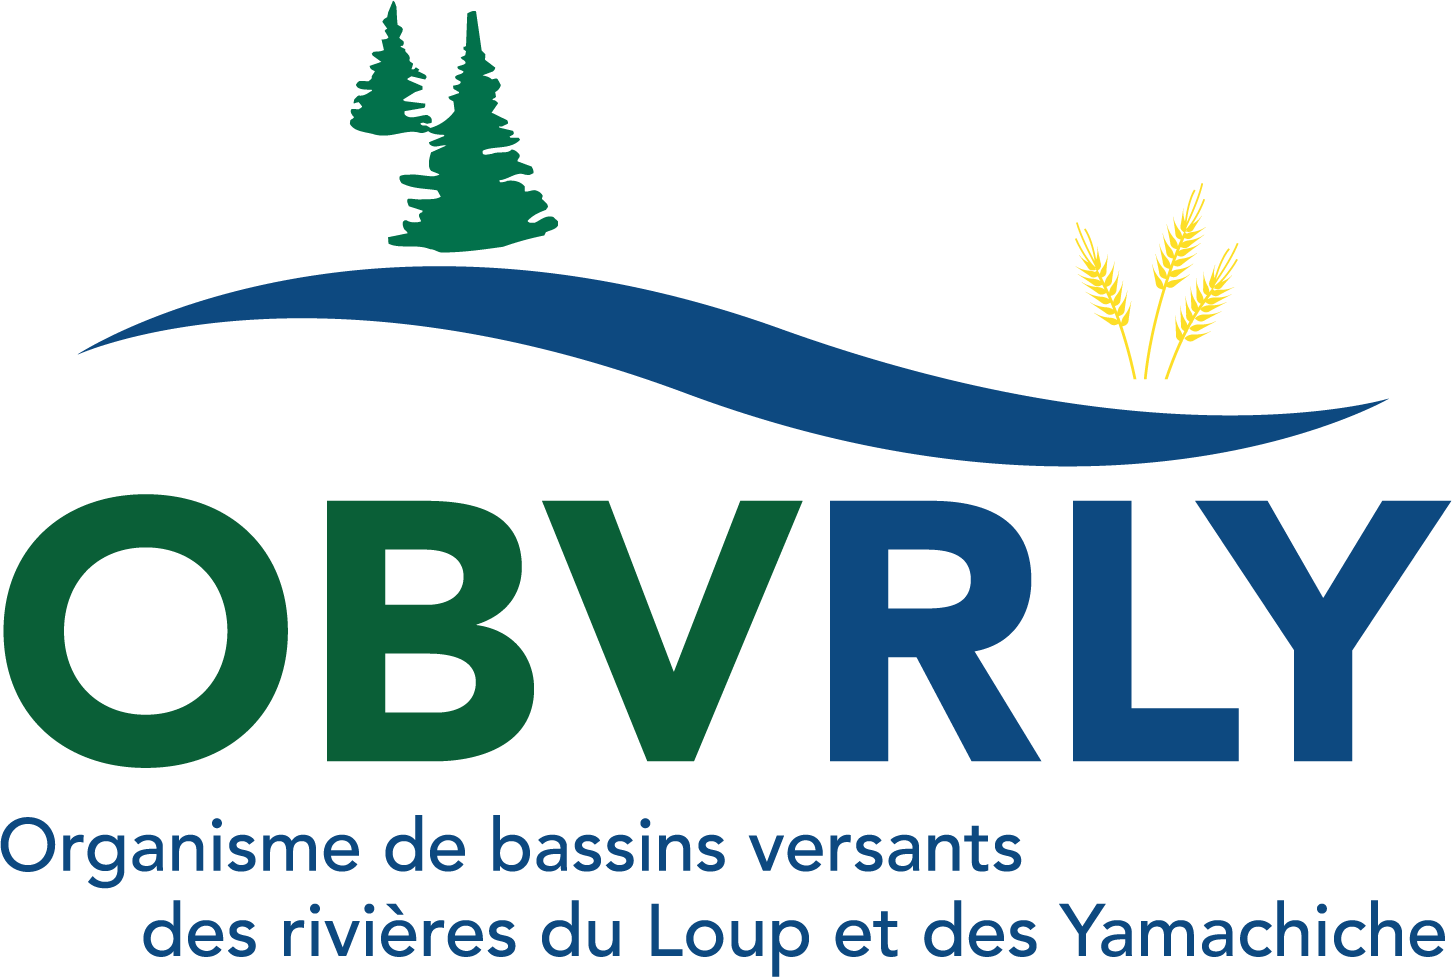 OBVRLY Organisme De Bassins Versants Des Rivières Du Loup Et Des Yamachiche